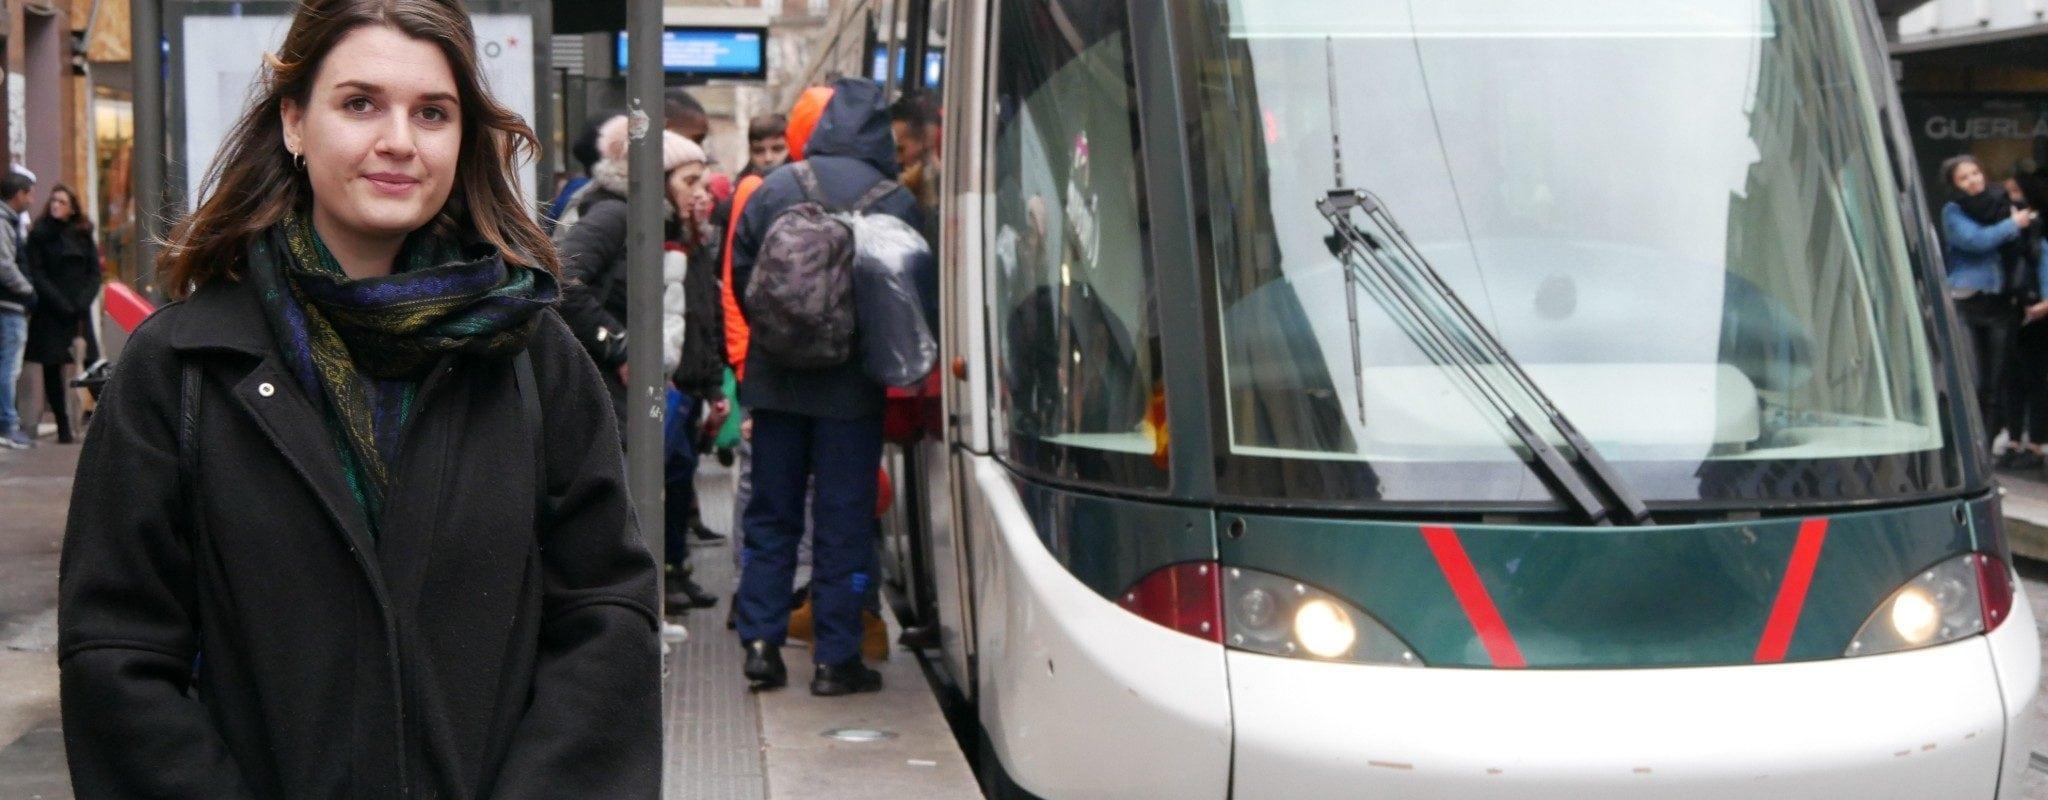 Sans voiture hors de Strasbourg, trois jeunes racontent leur galère quotidienne